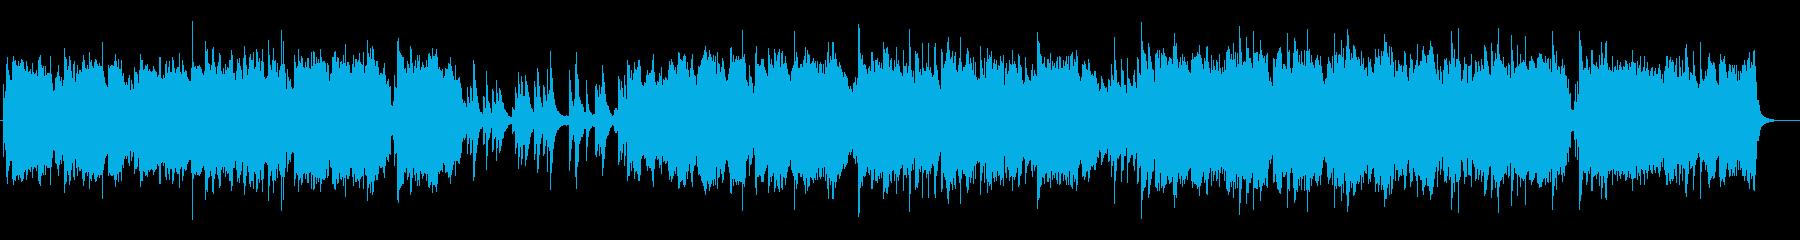 ゆったりしたテンポの弦楽とピアノの曲の再生済みの波形